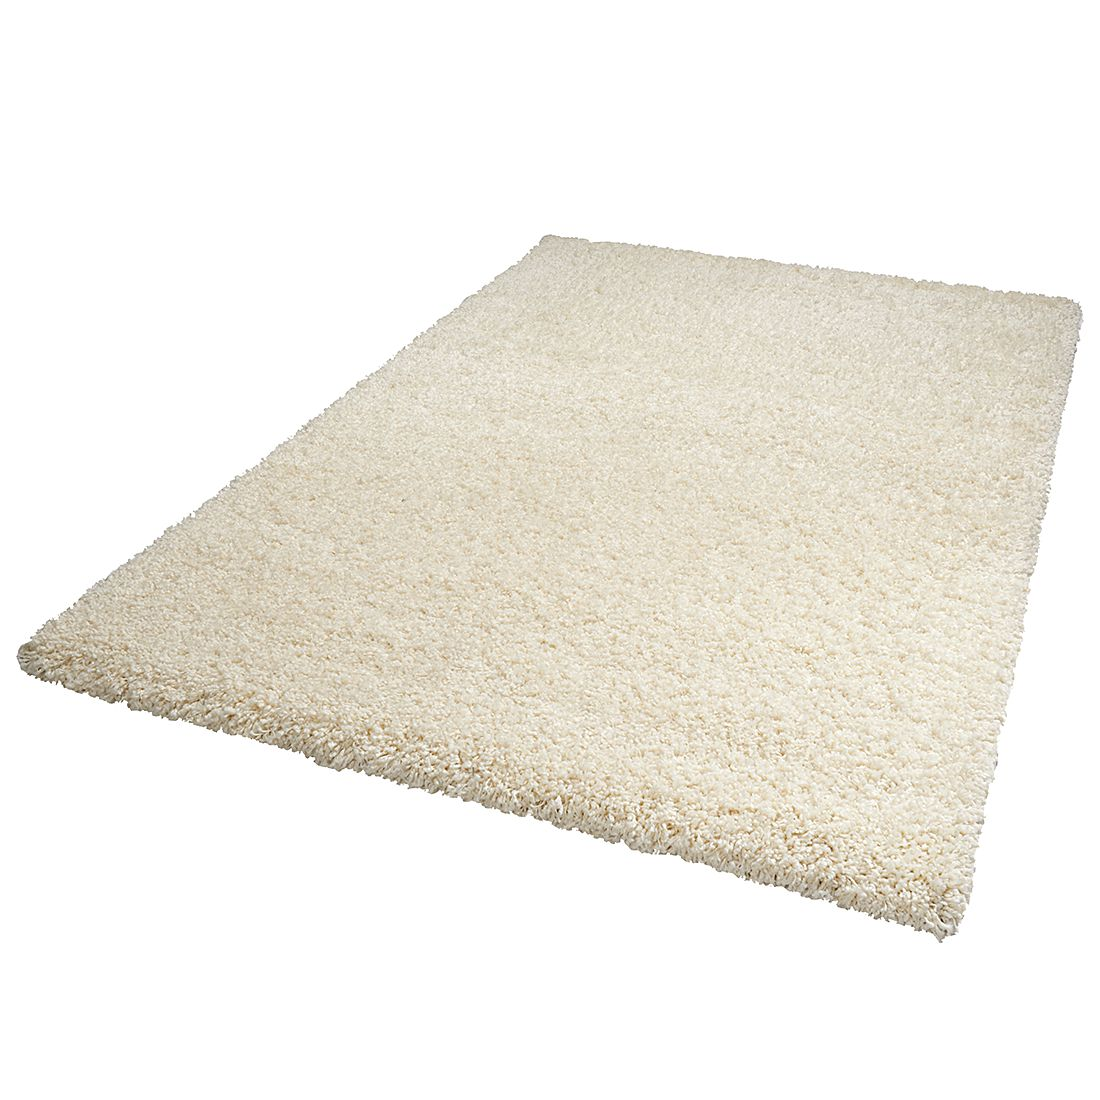 Teppich Lima – Creme – 66 x 135 cm, DEKOWE jetzt bestellen